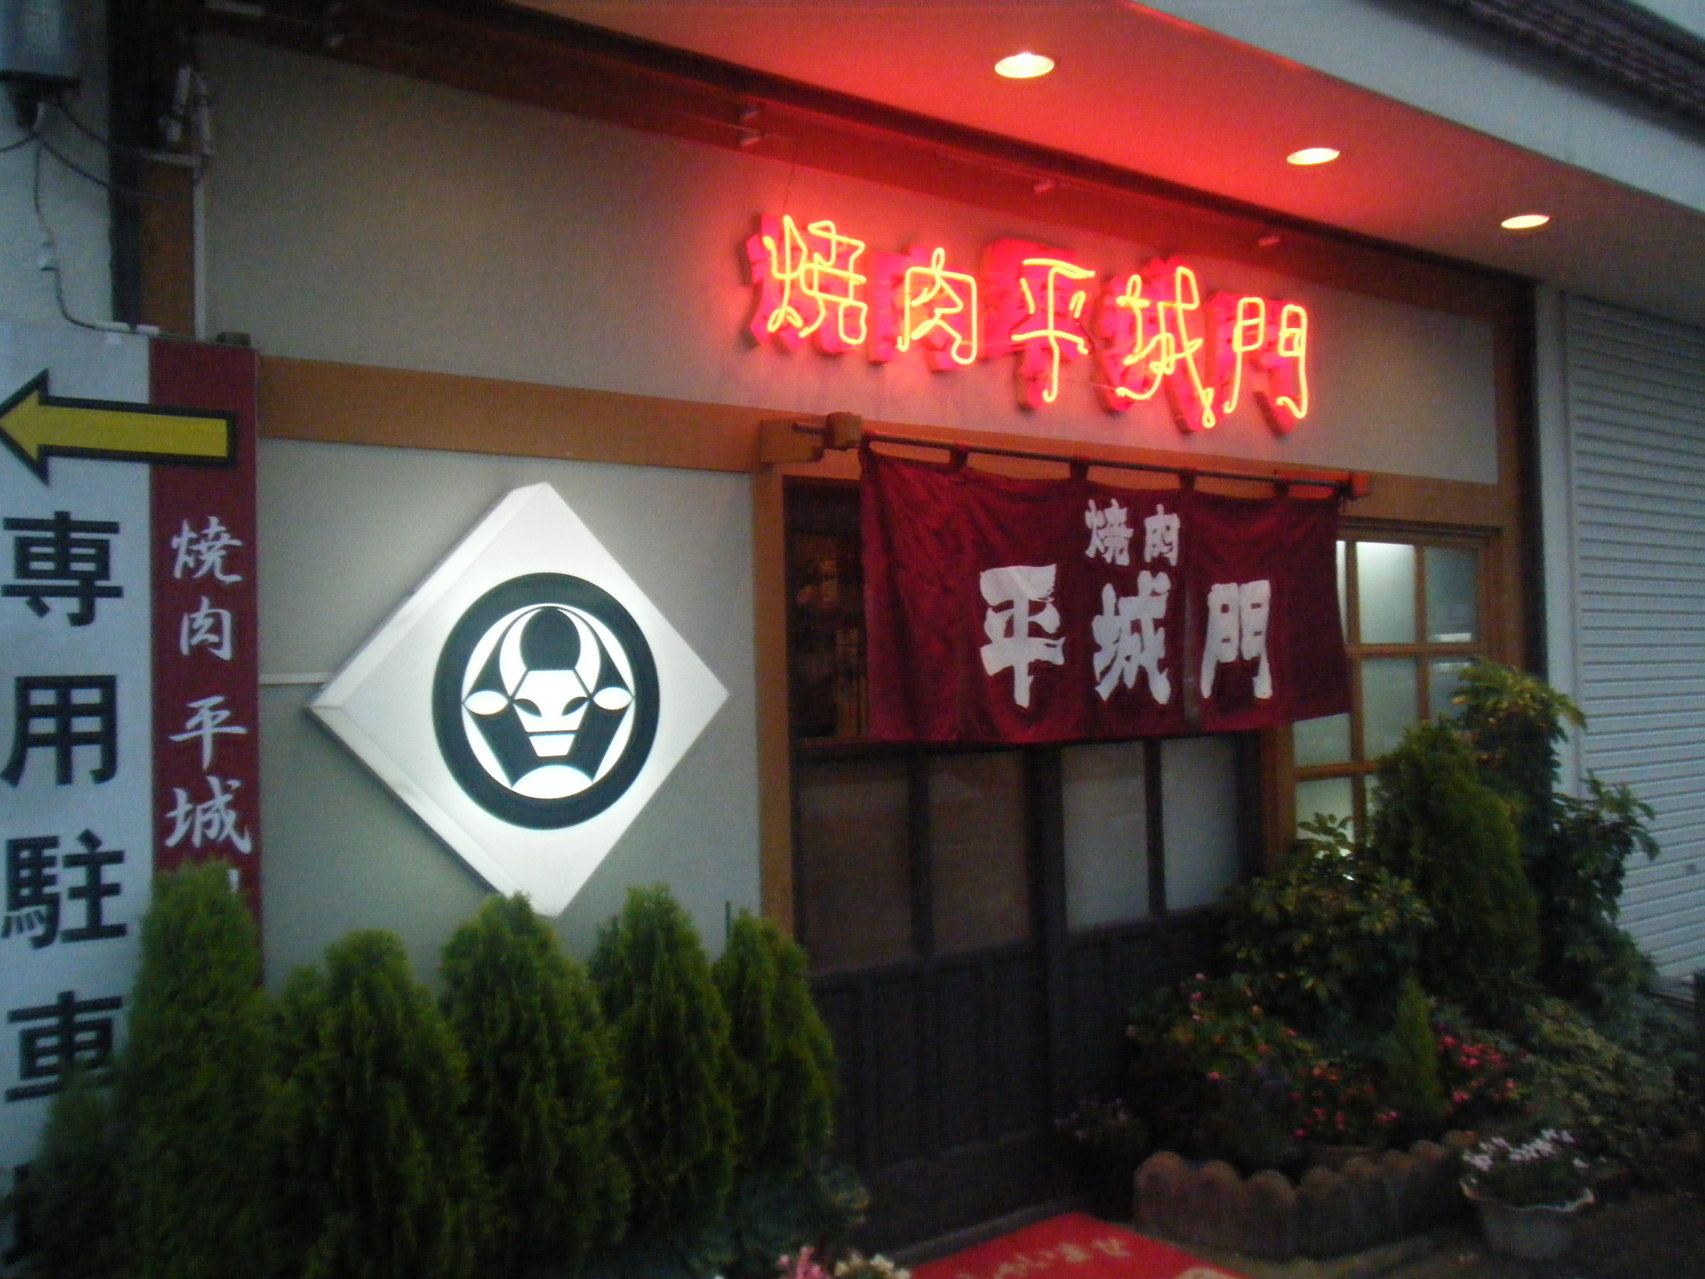 平城門 バイパス店